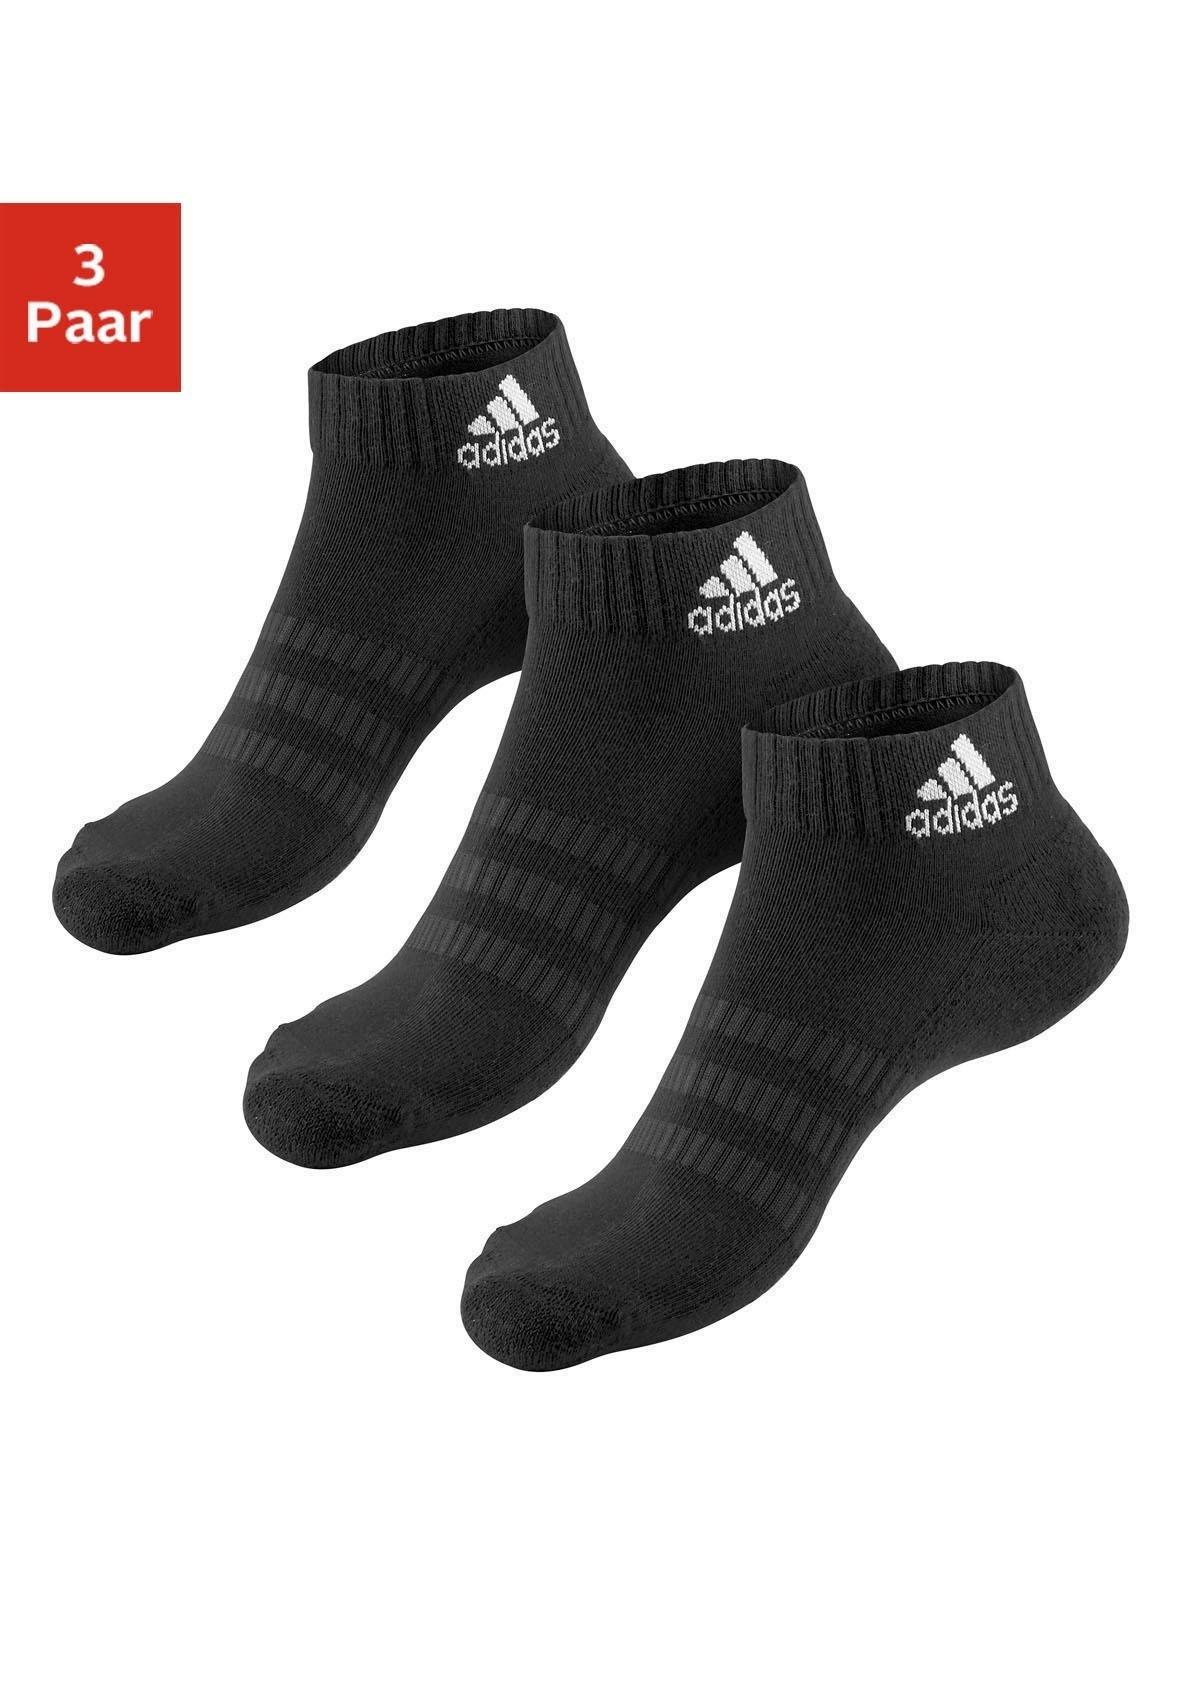 adidas Performance korte sokken nu online bestellen